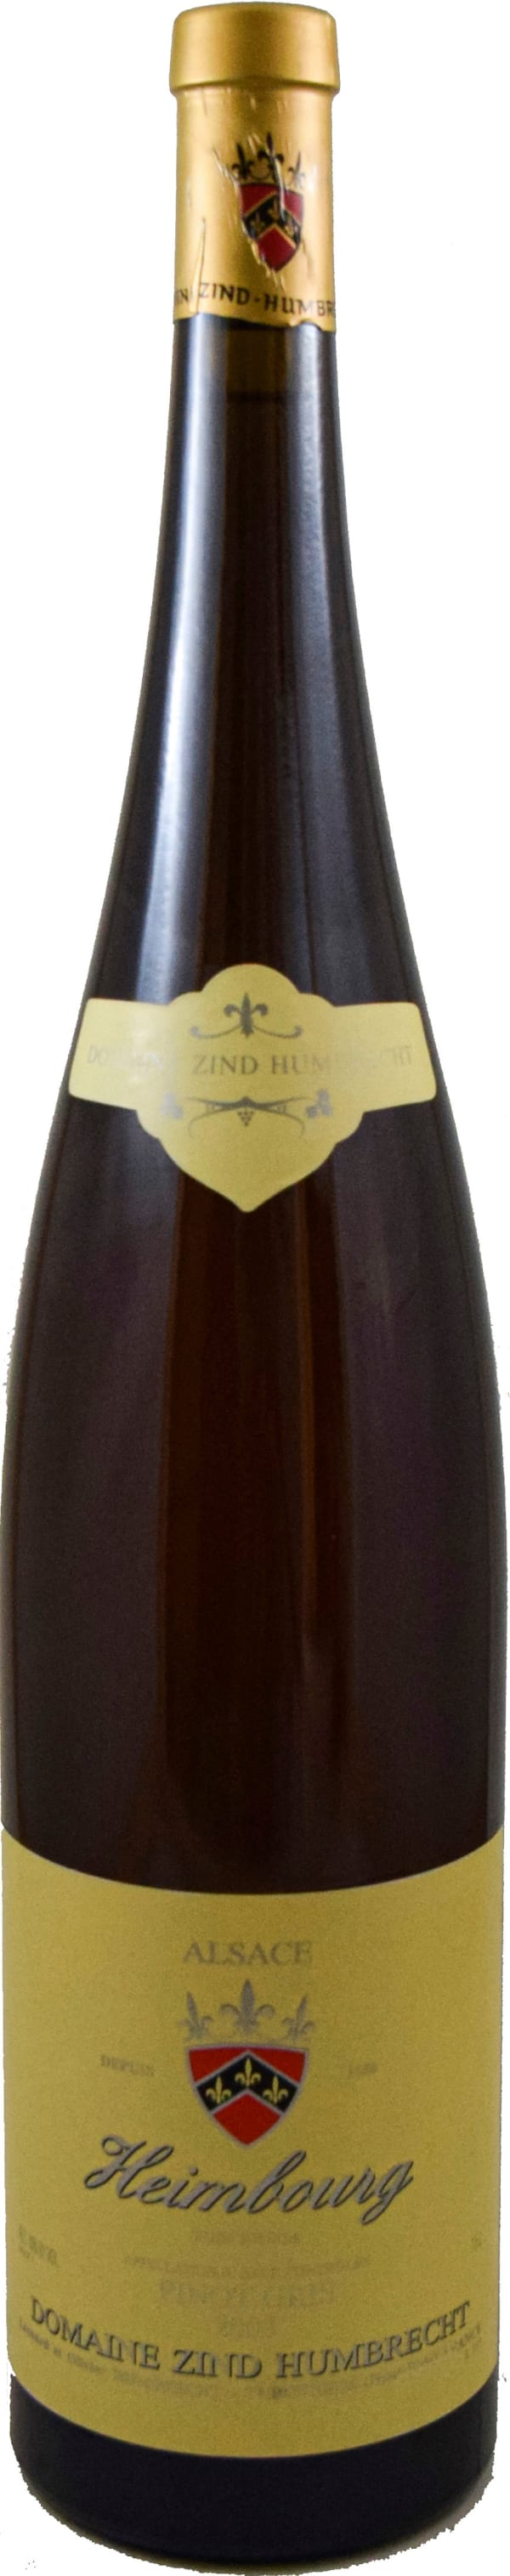 Domaine Zind-Humbrecht Heimbourg Pinot Gris Magnum 2003